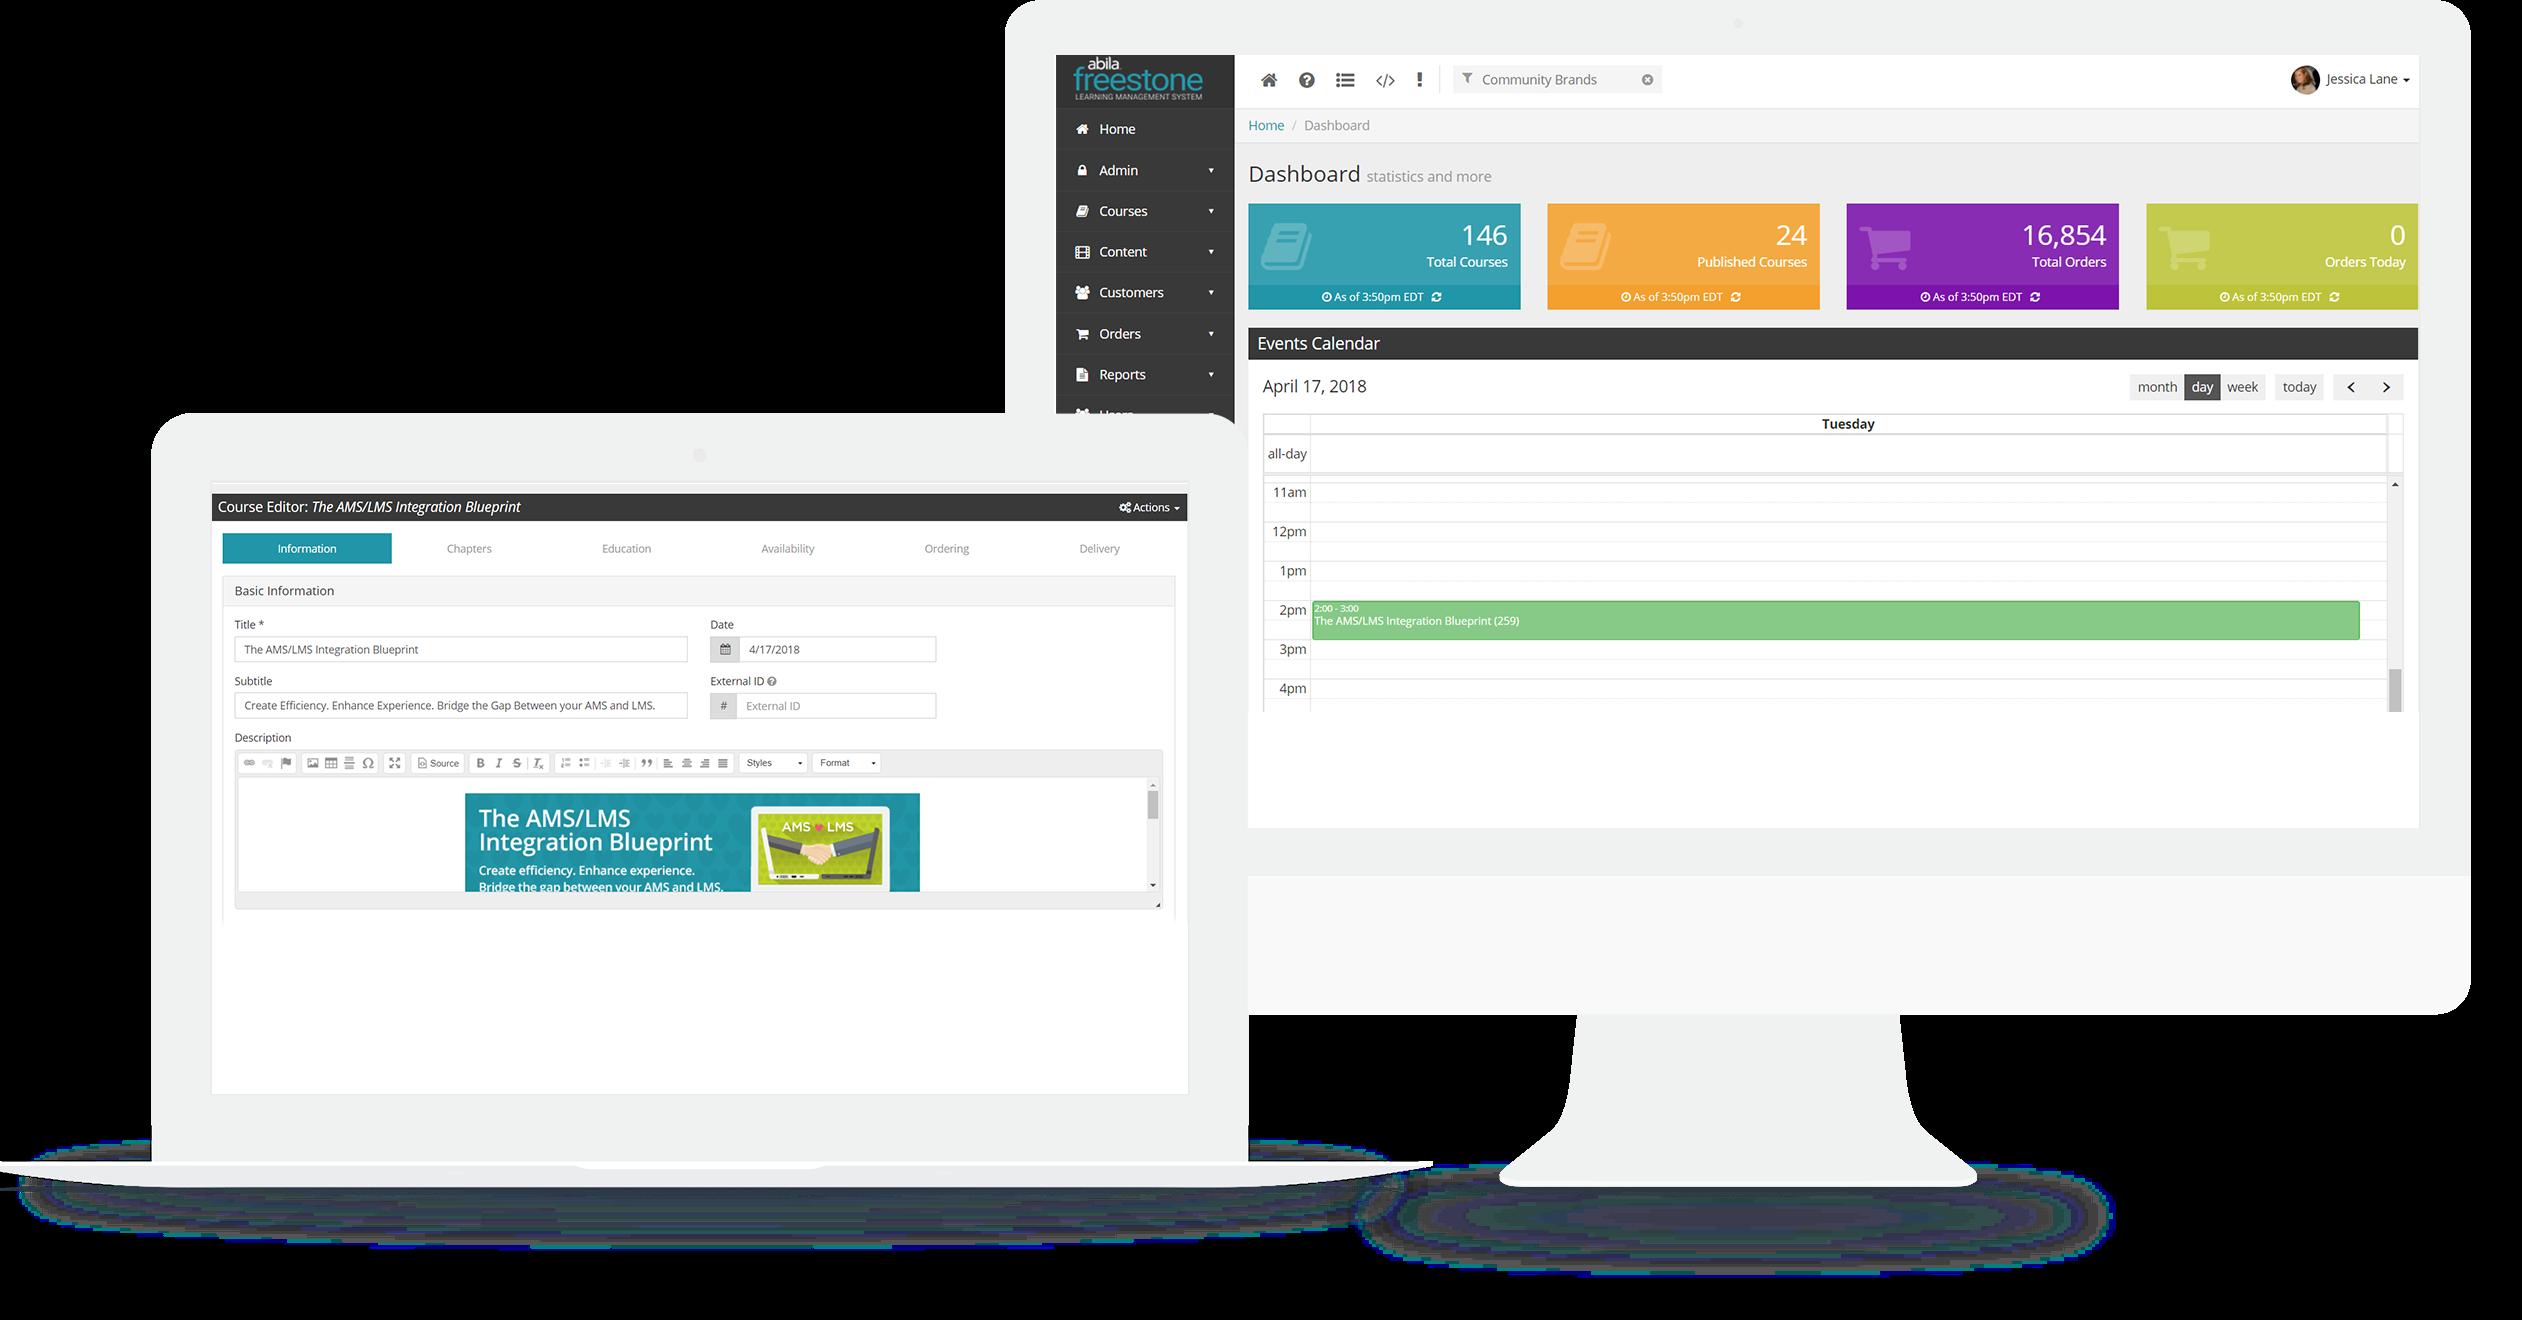 Freestone Software - Event calendar